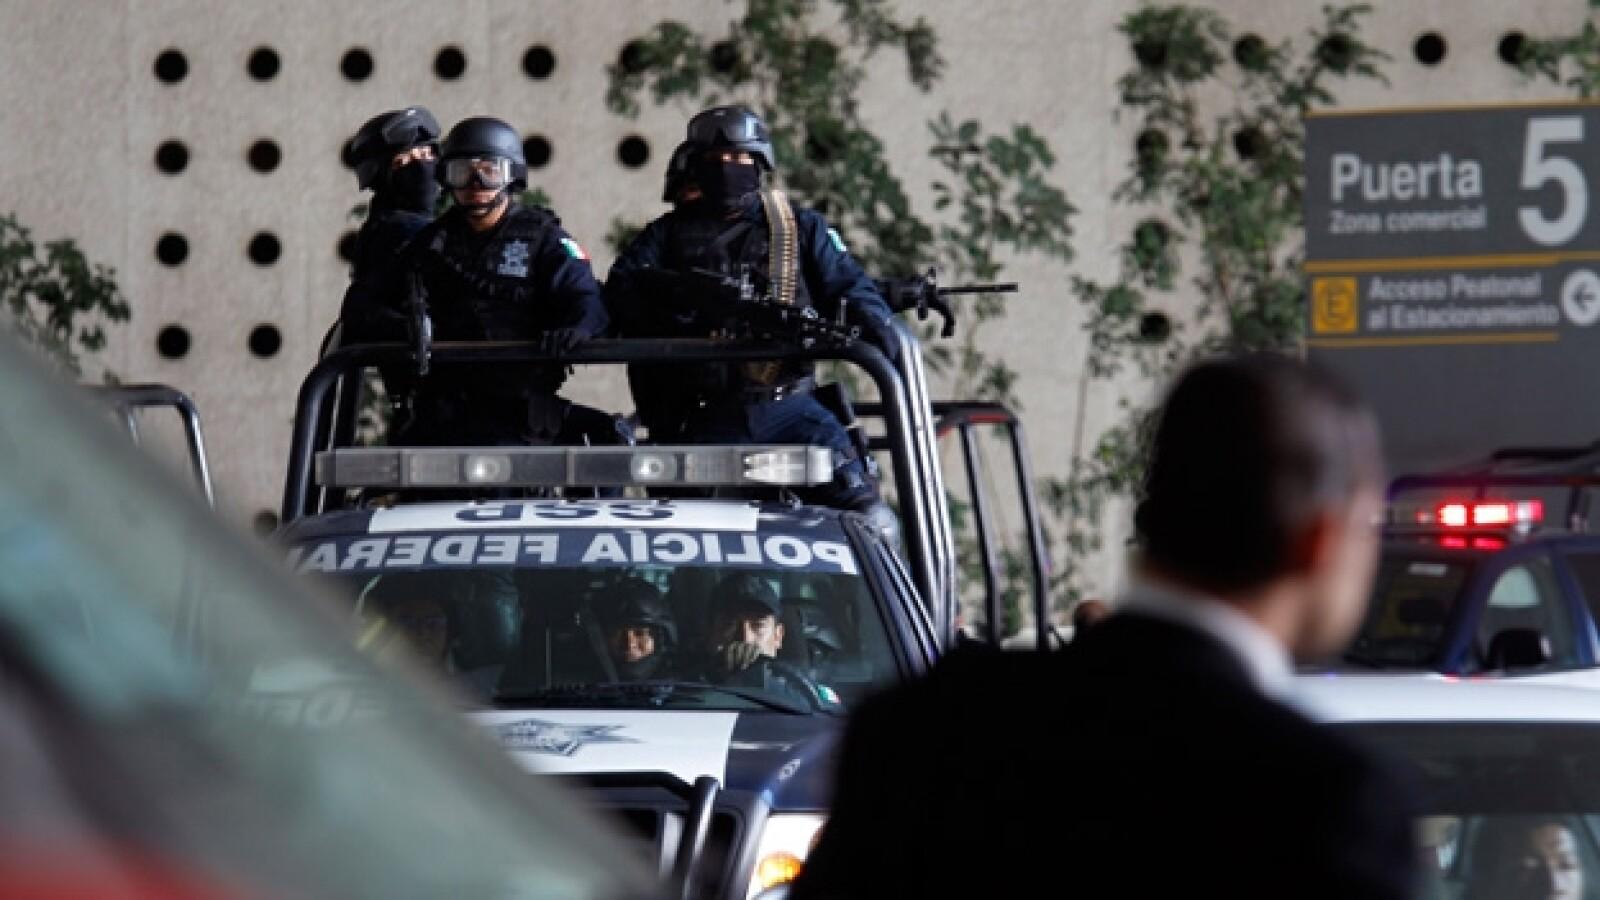 policias patrullan el aeropuerto